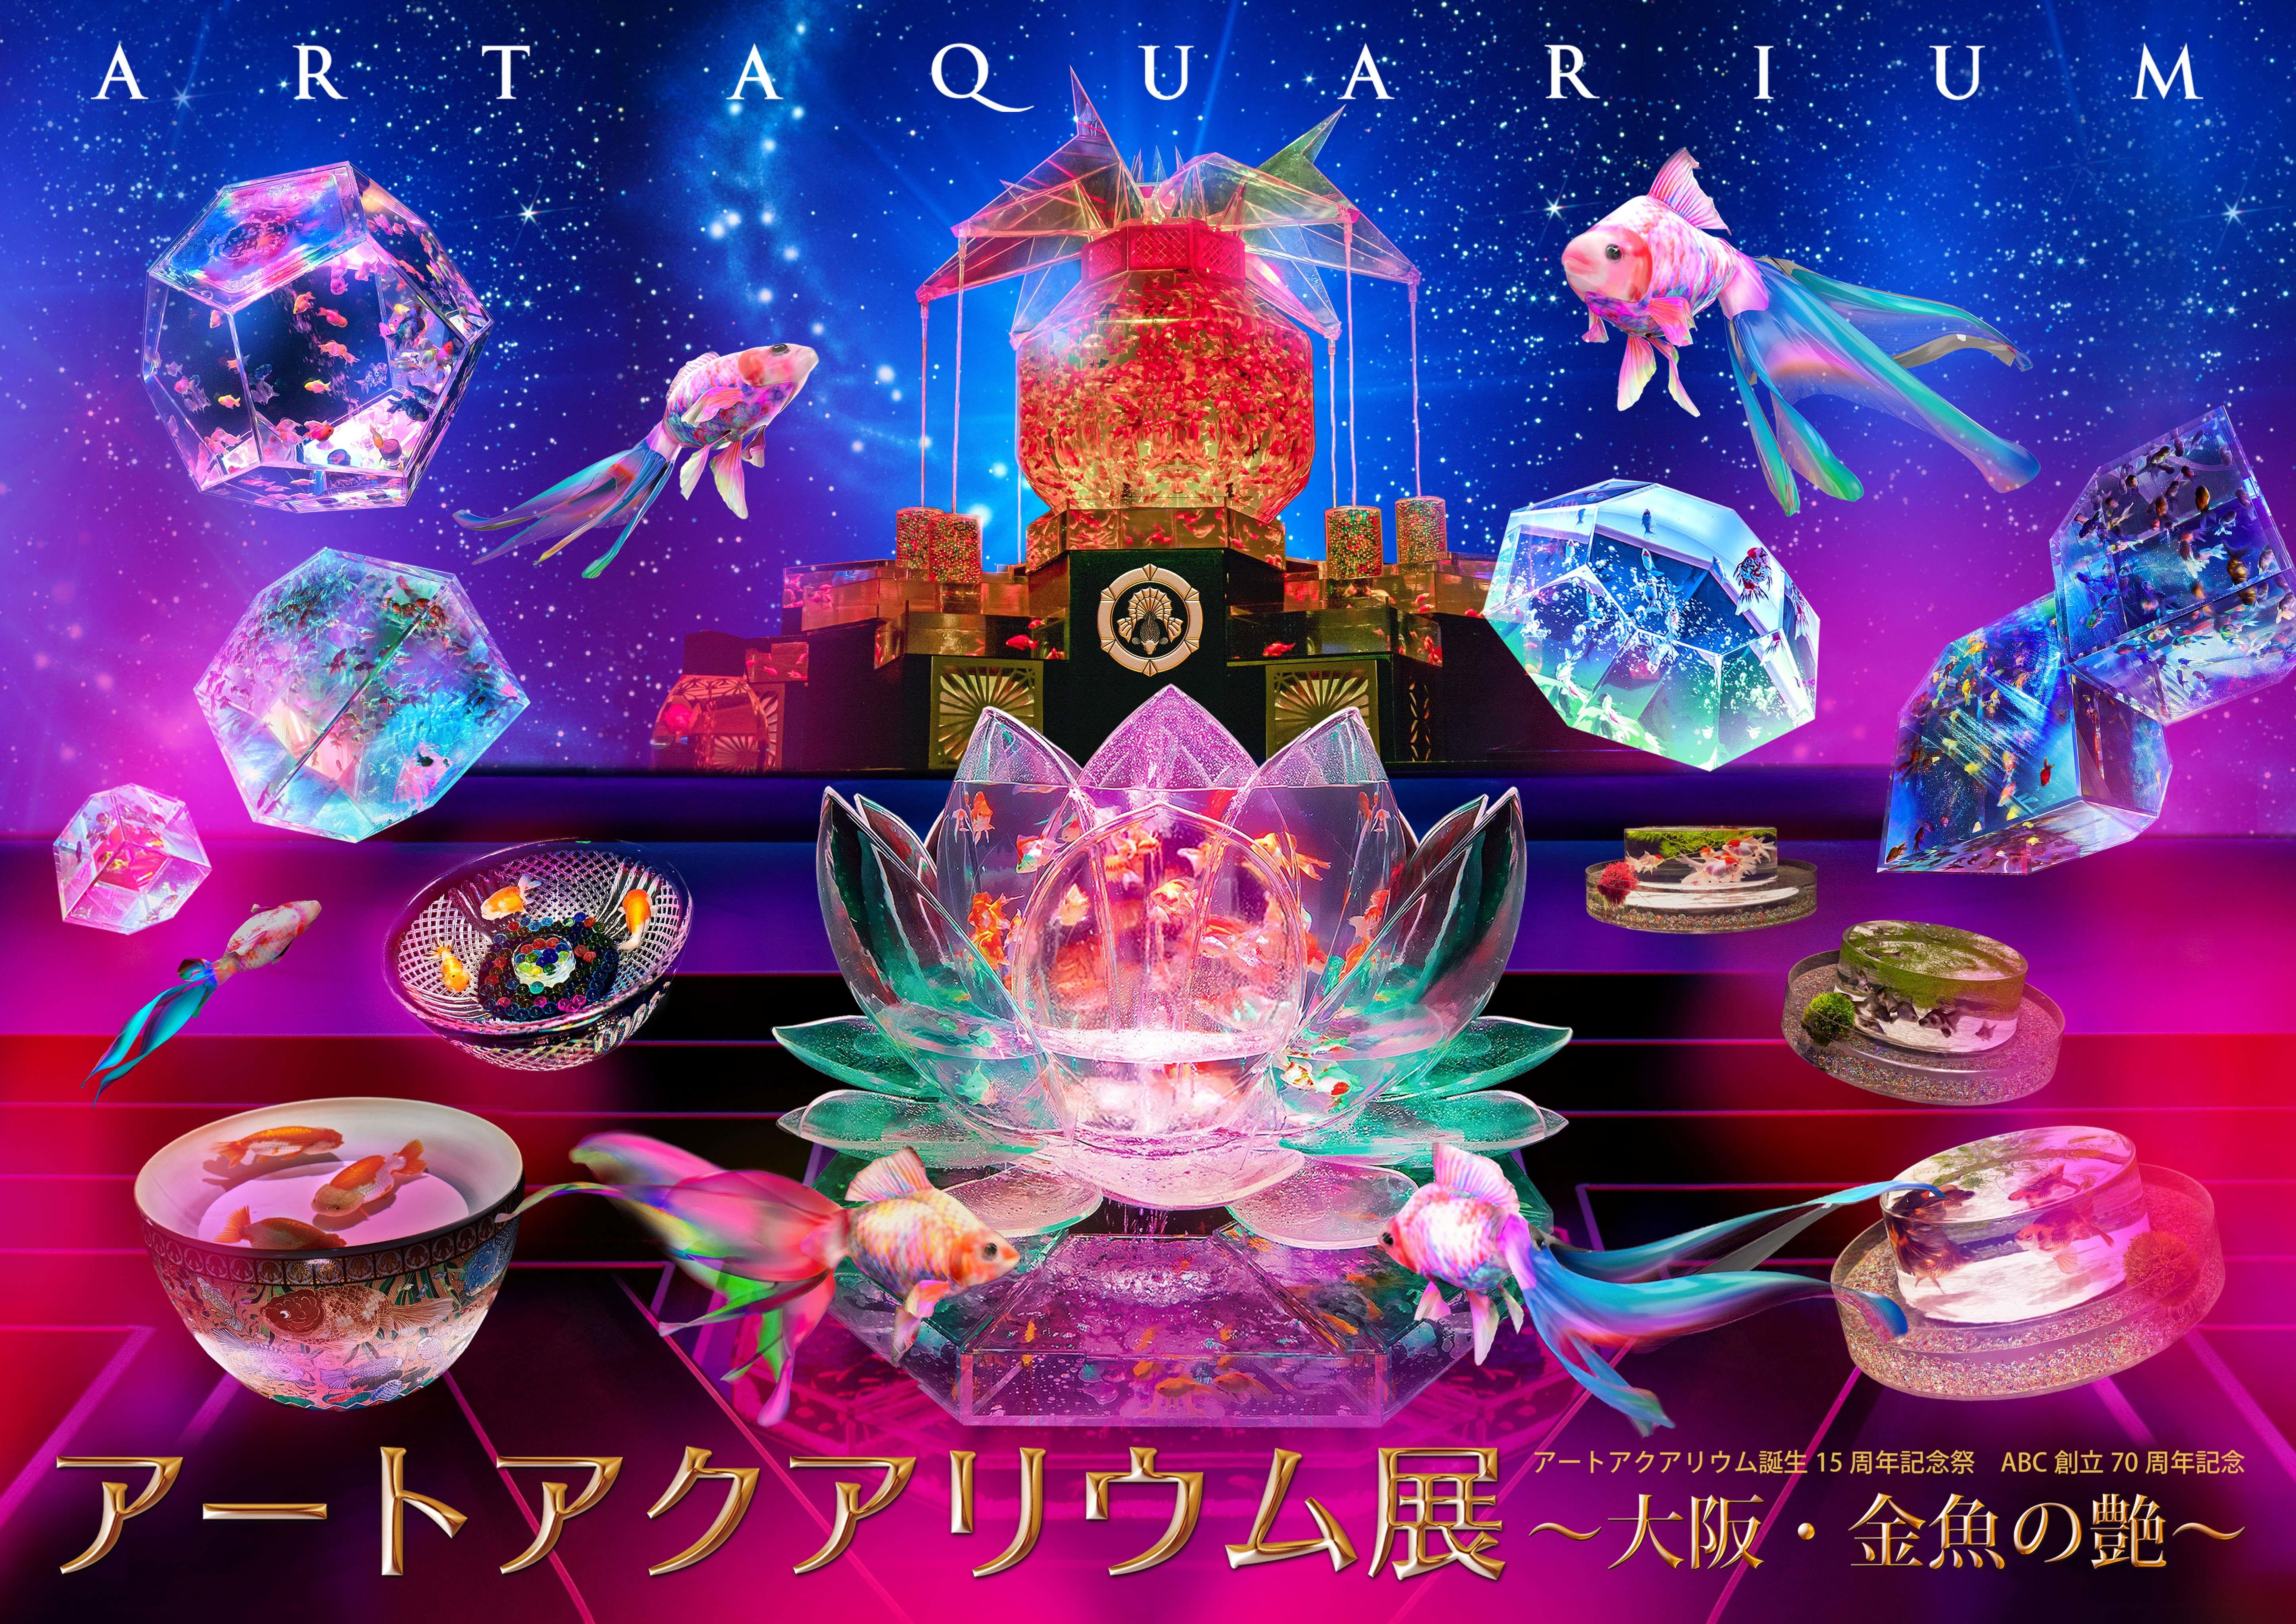 『アートアクアリウム展 ~大阪・金魚の艶~』